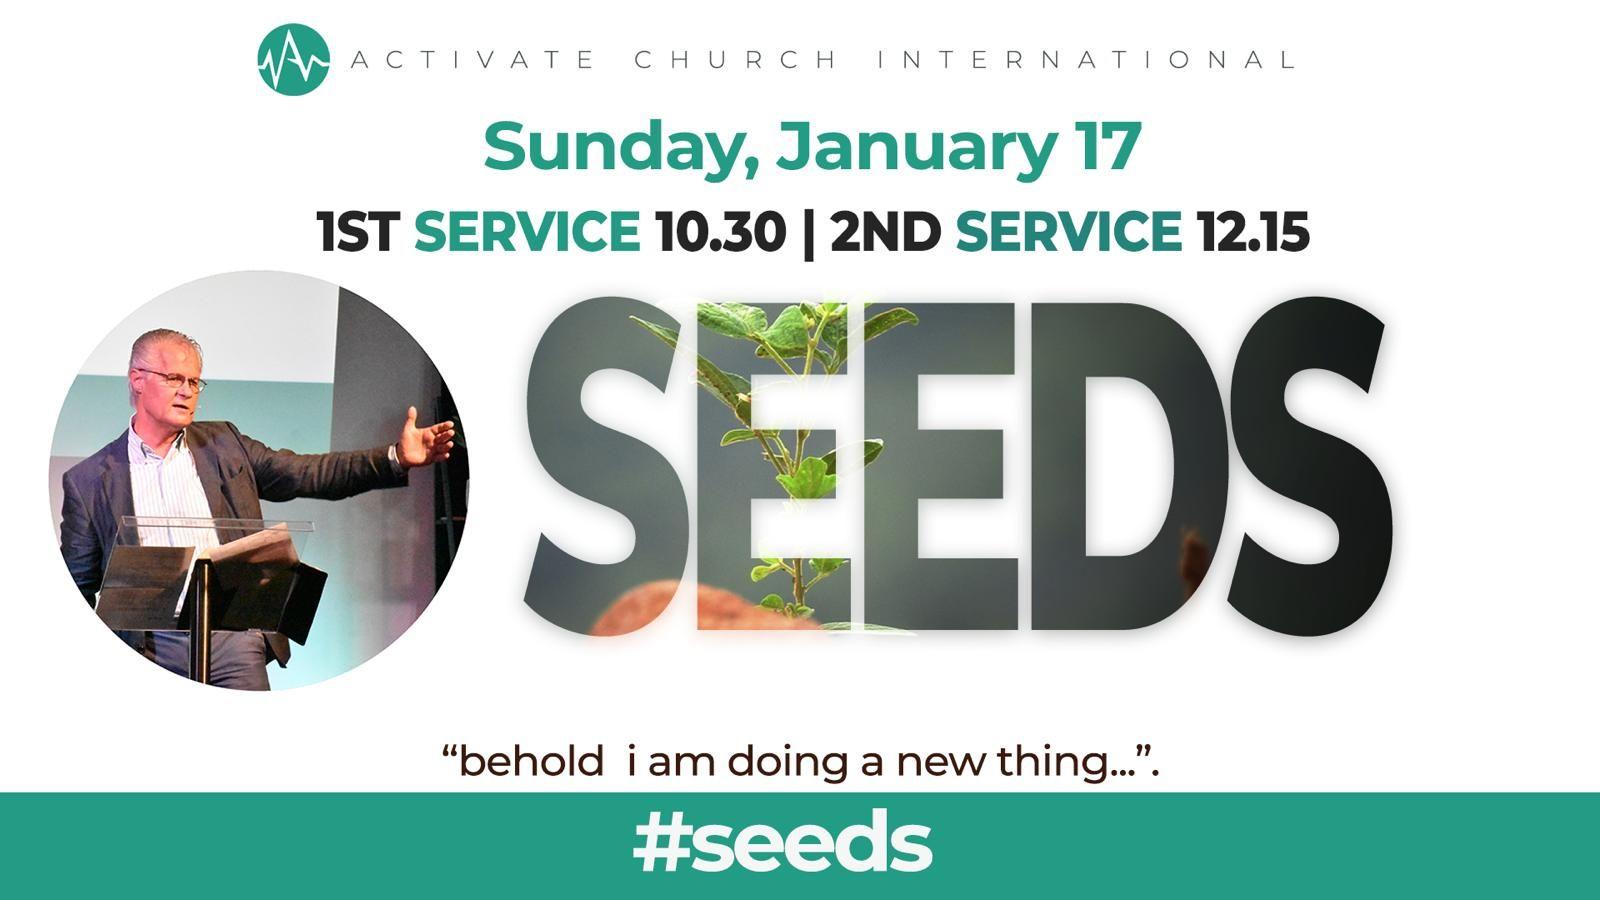 1st service: 10.30 | 2nd service: 12.15